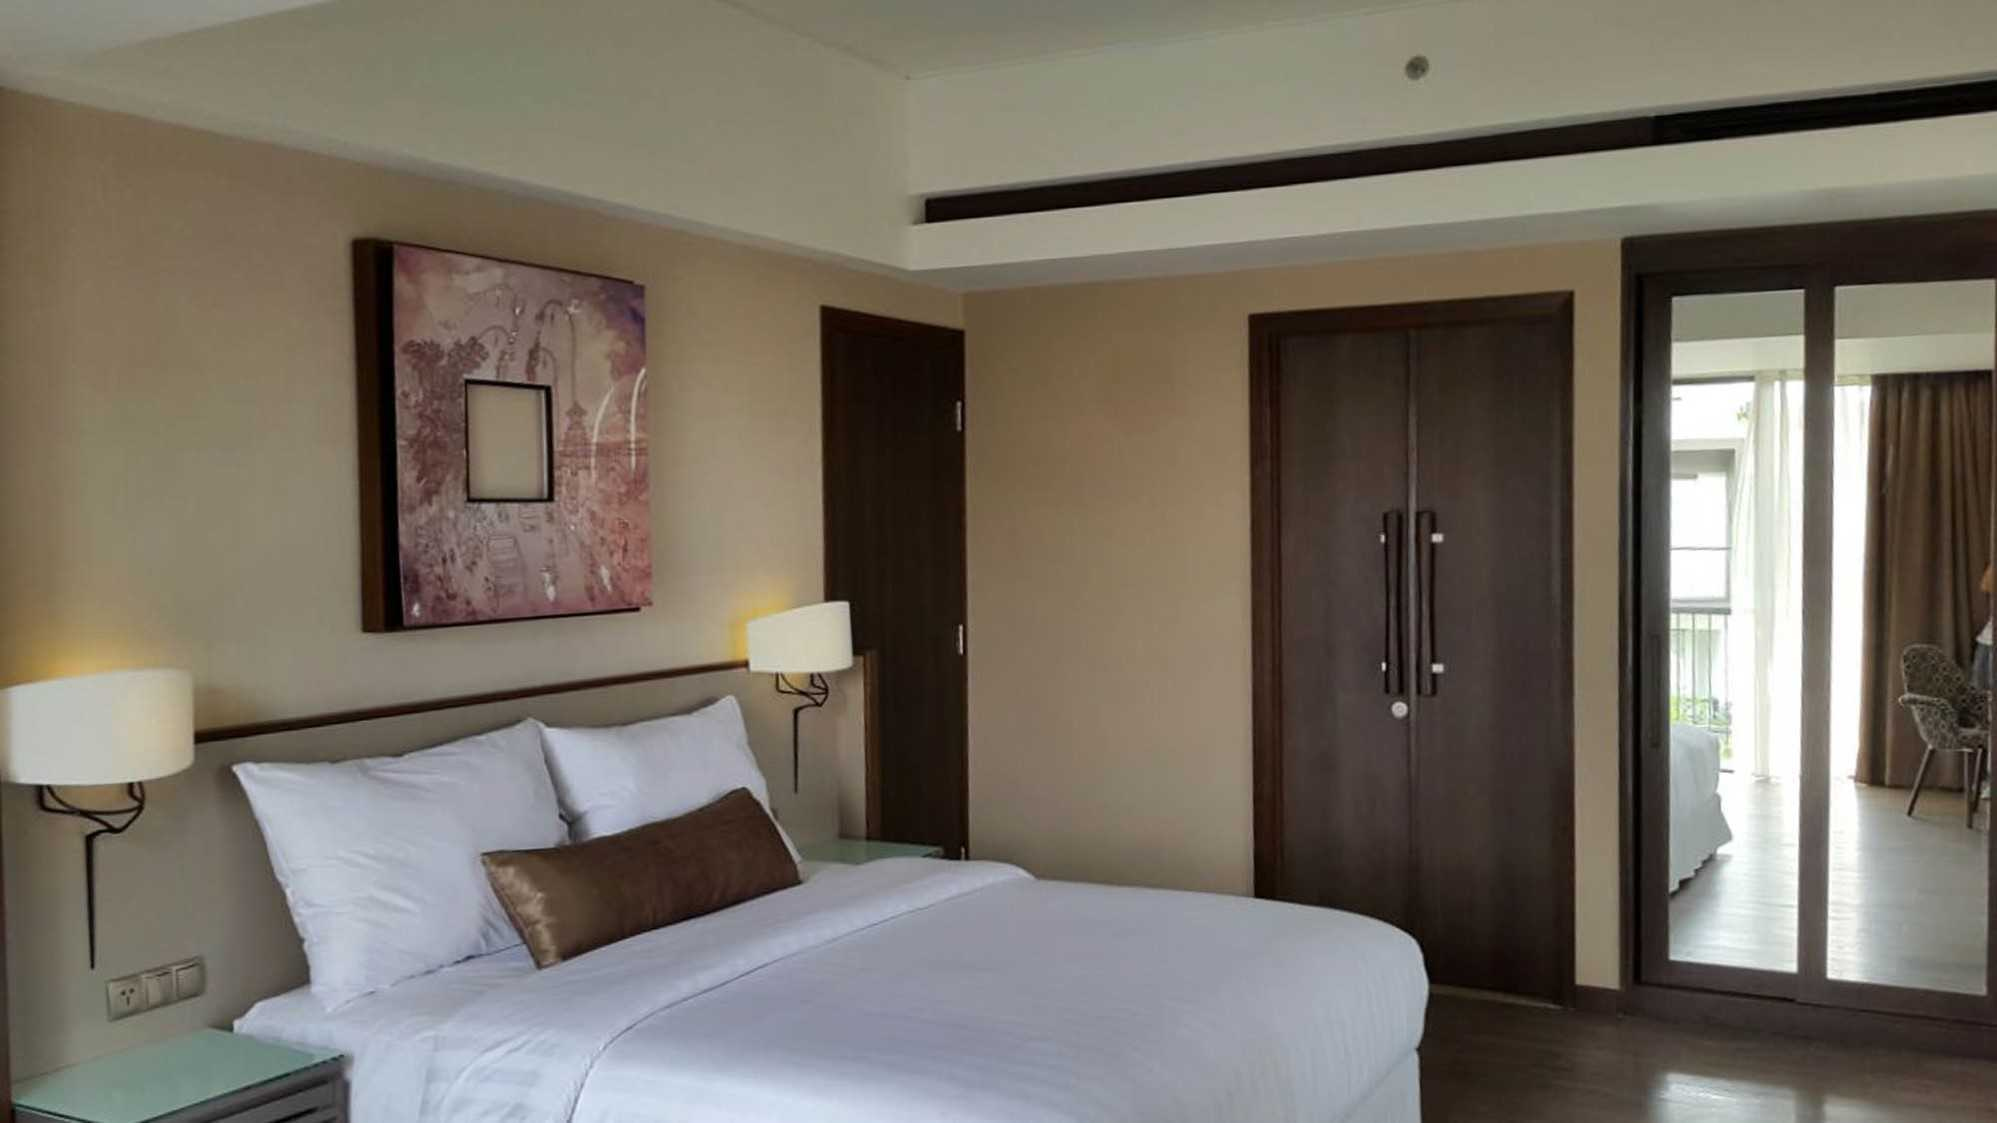 Talenta Interior Hotel Mercure Legian Legian, Kuta, Kabupaten Badung, Bali, Indonesia Legian, Kuta, Kabupaten Badung, Bali, Indonesia Talenta-Interior-Hotel-Mercure-Legian   65502